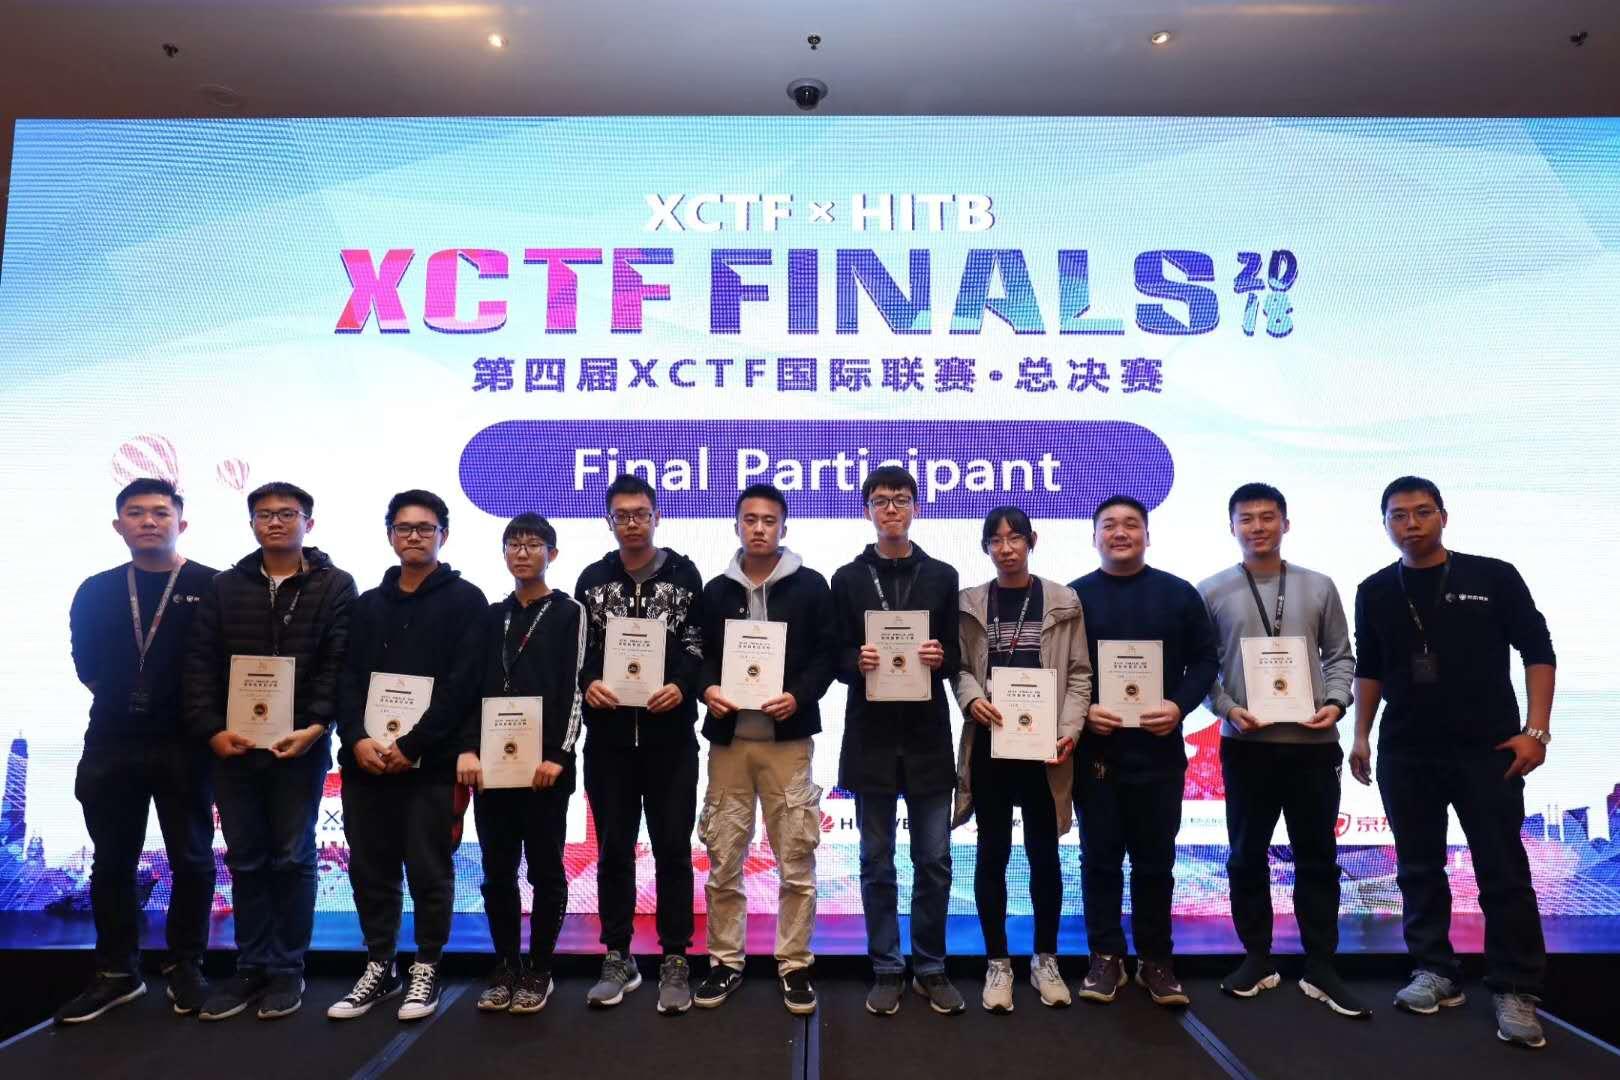 我院学生在2018年第四届XCTF联赛总决赛上获佳绩-小绿草信息安全实验室